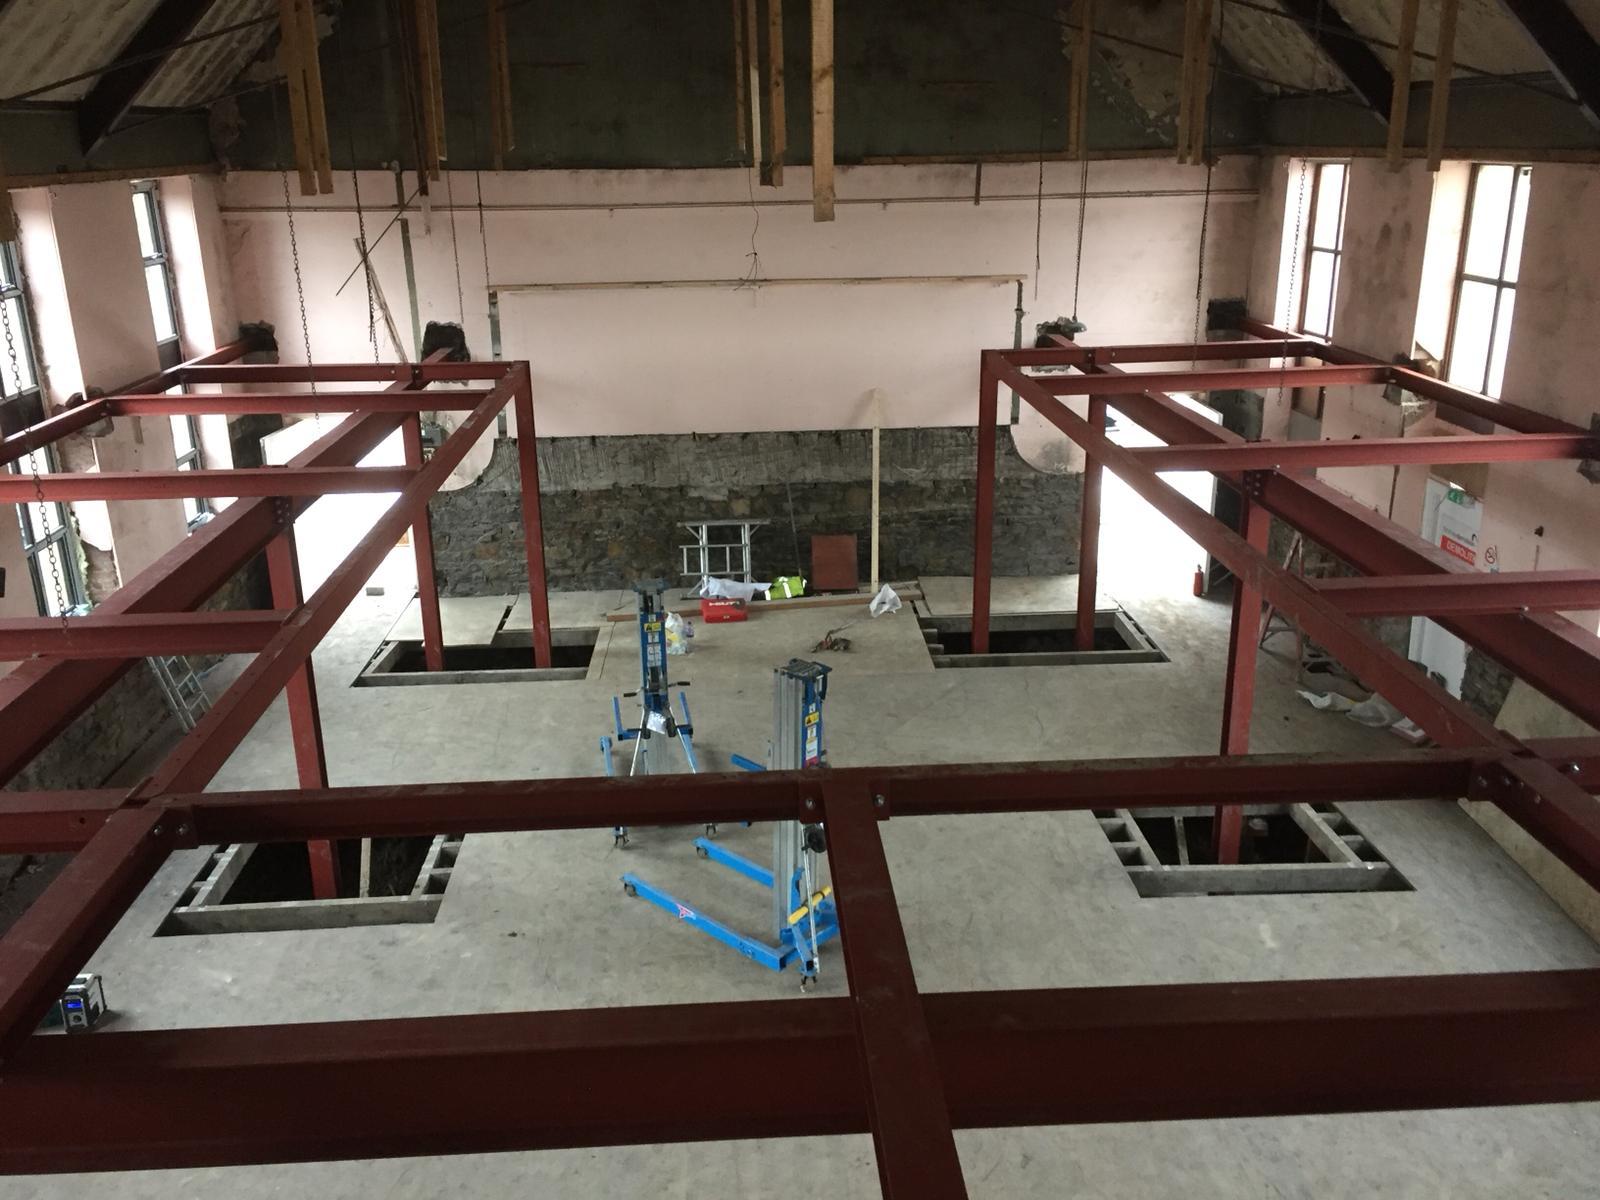 Mezzanine & Canopies